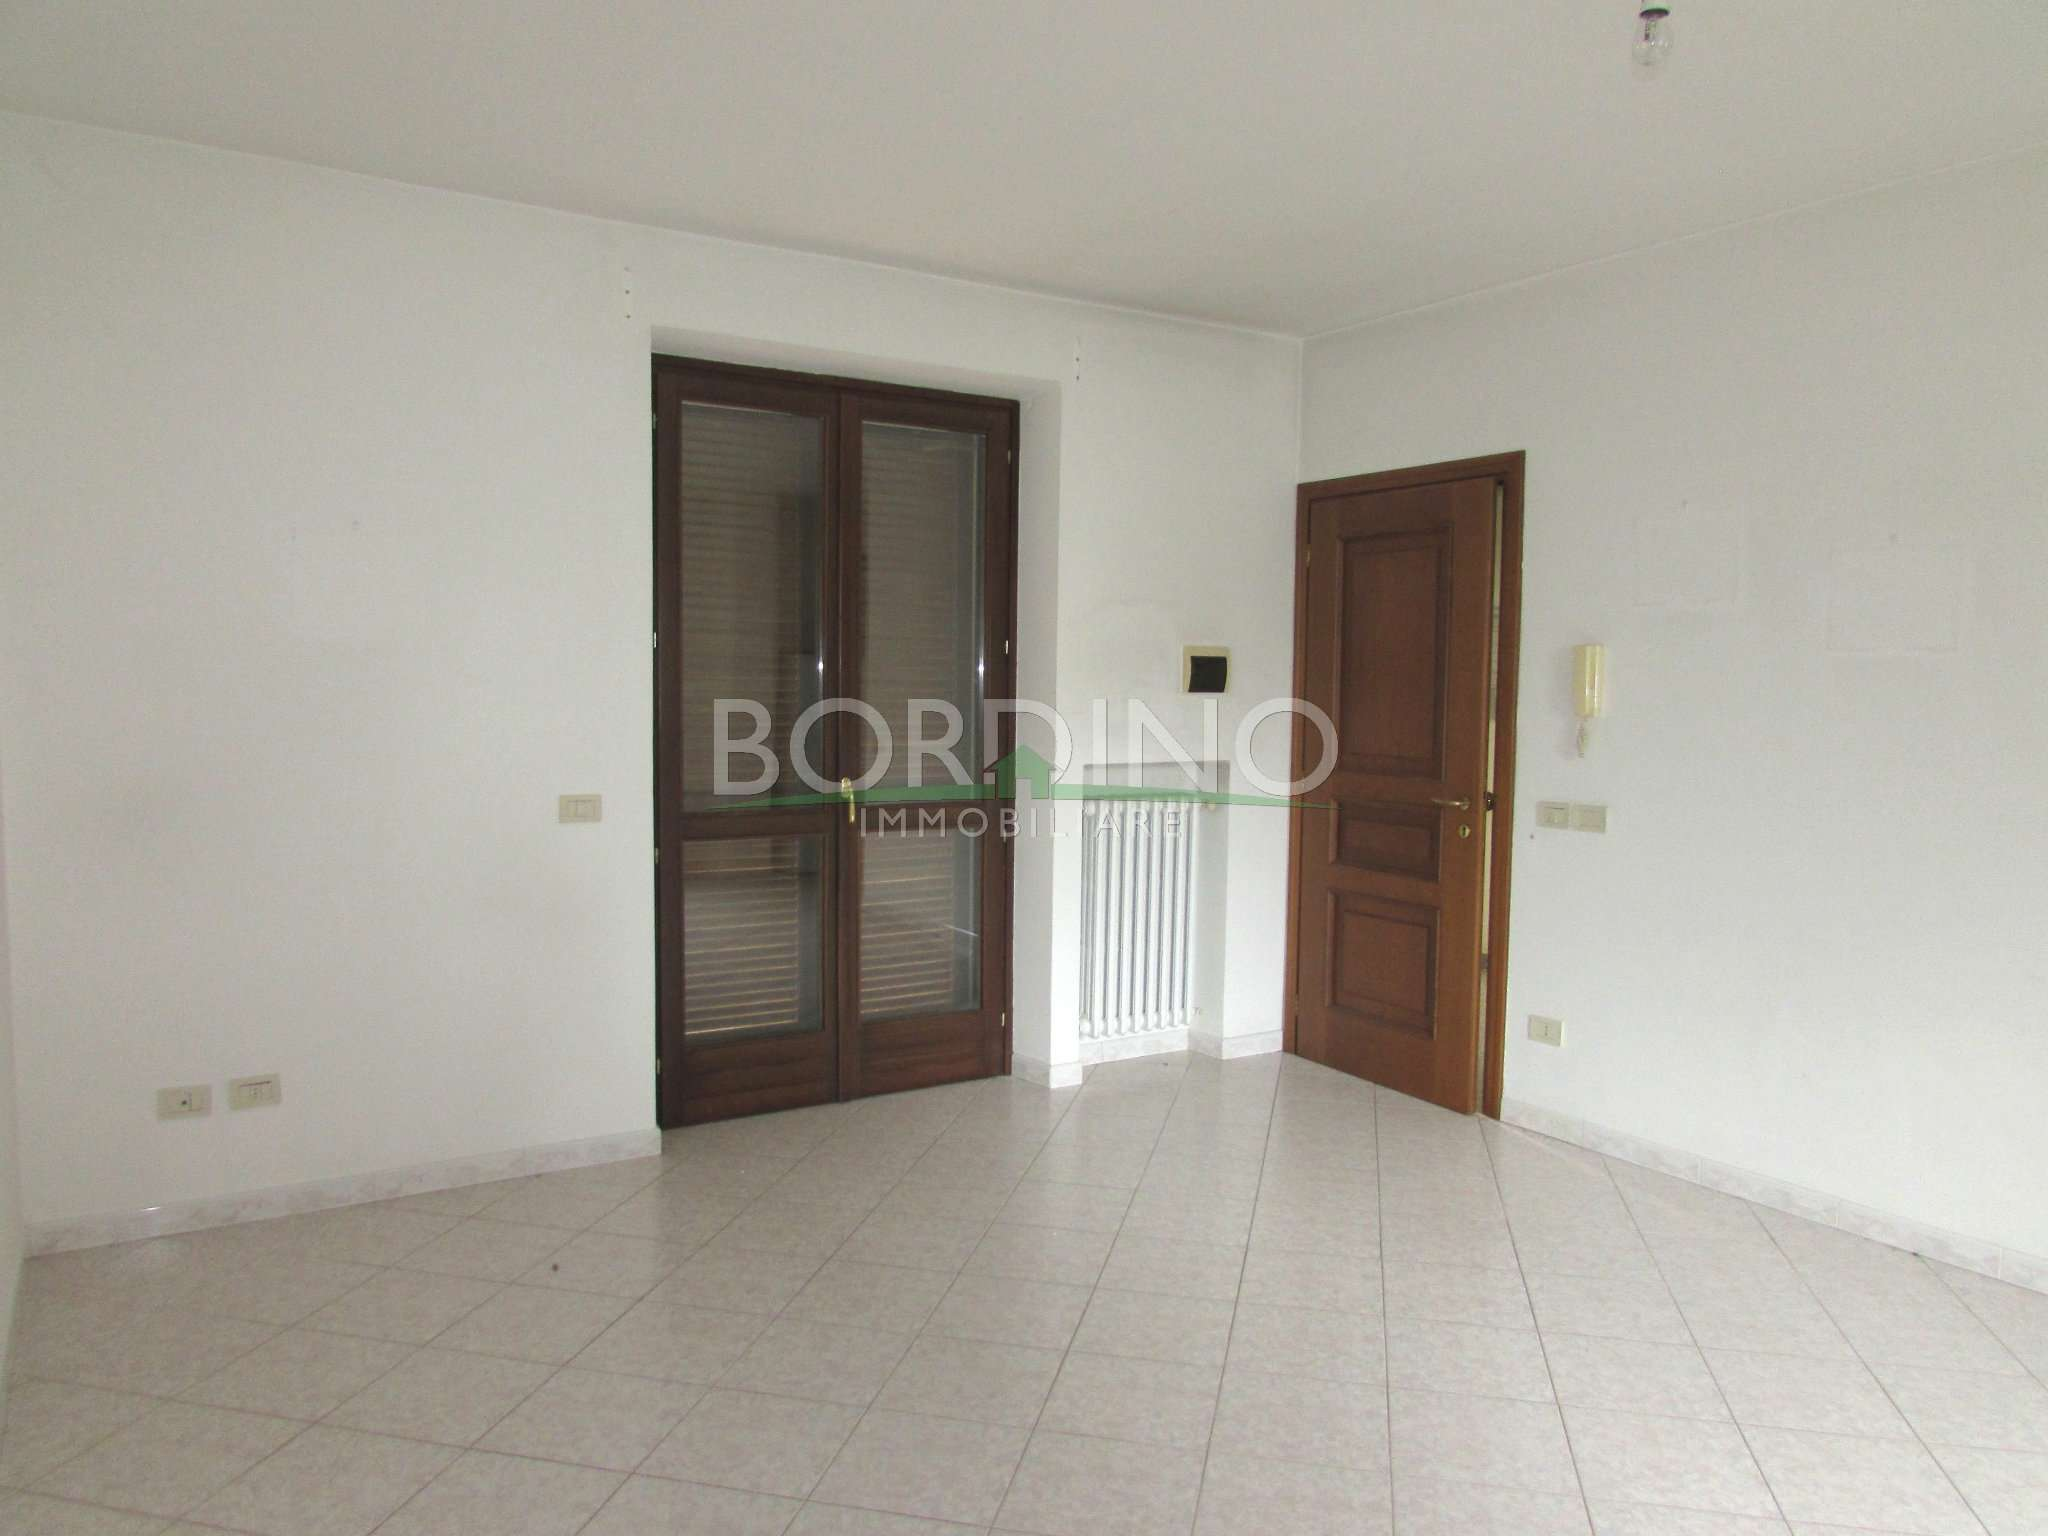 Appartamento in affitto a Magliano Alfieri, 2 locali, prezzo € 350 | Cambio Casa.it